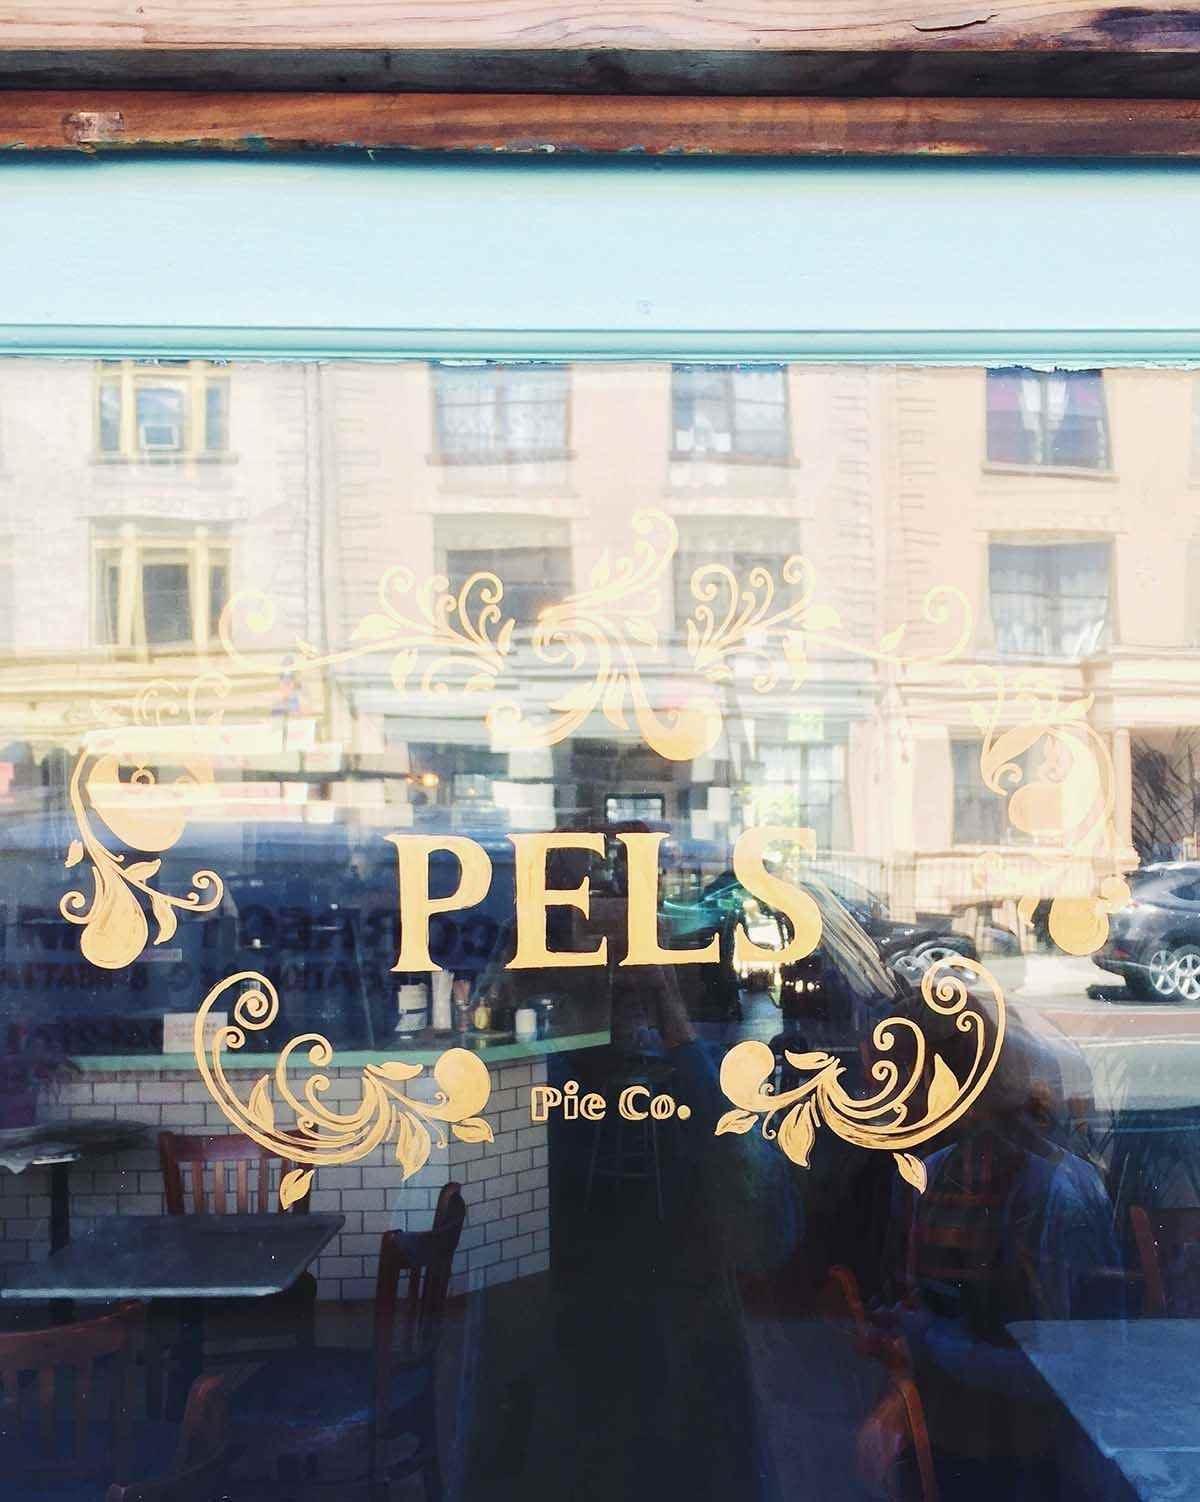 Pel's Pie Co.